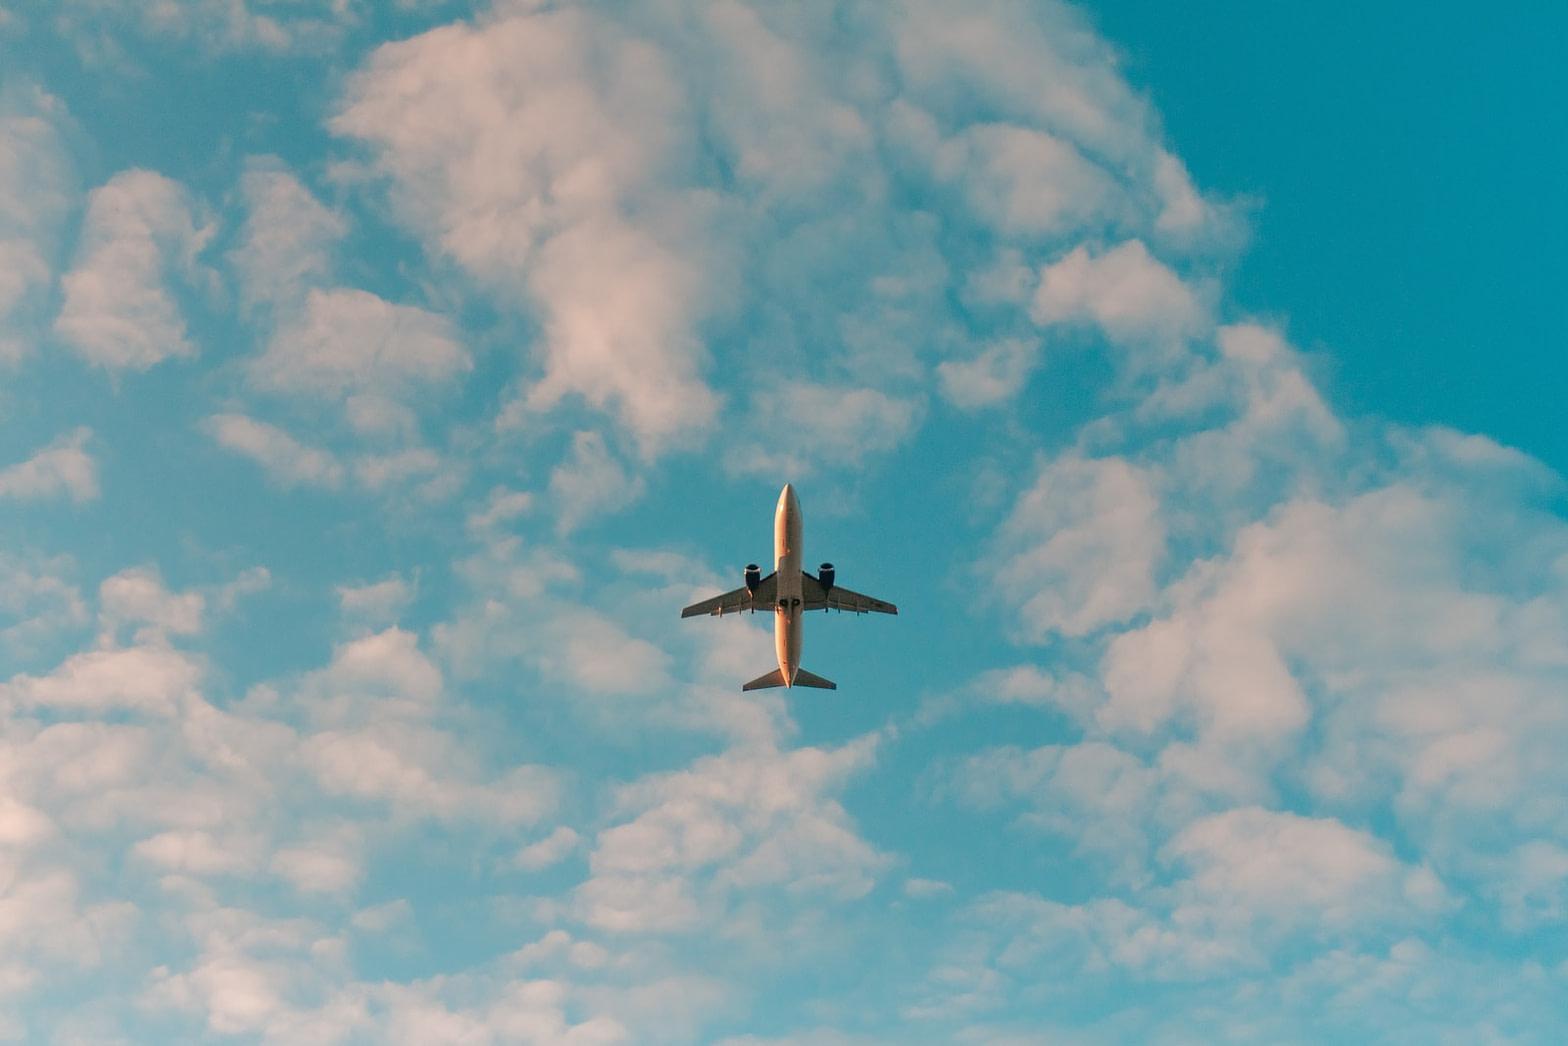 معلومات عن الرحلات المتجهة من مطار الرياض الى الدوادمي